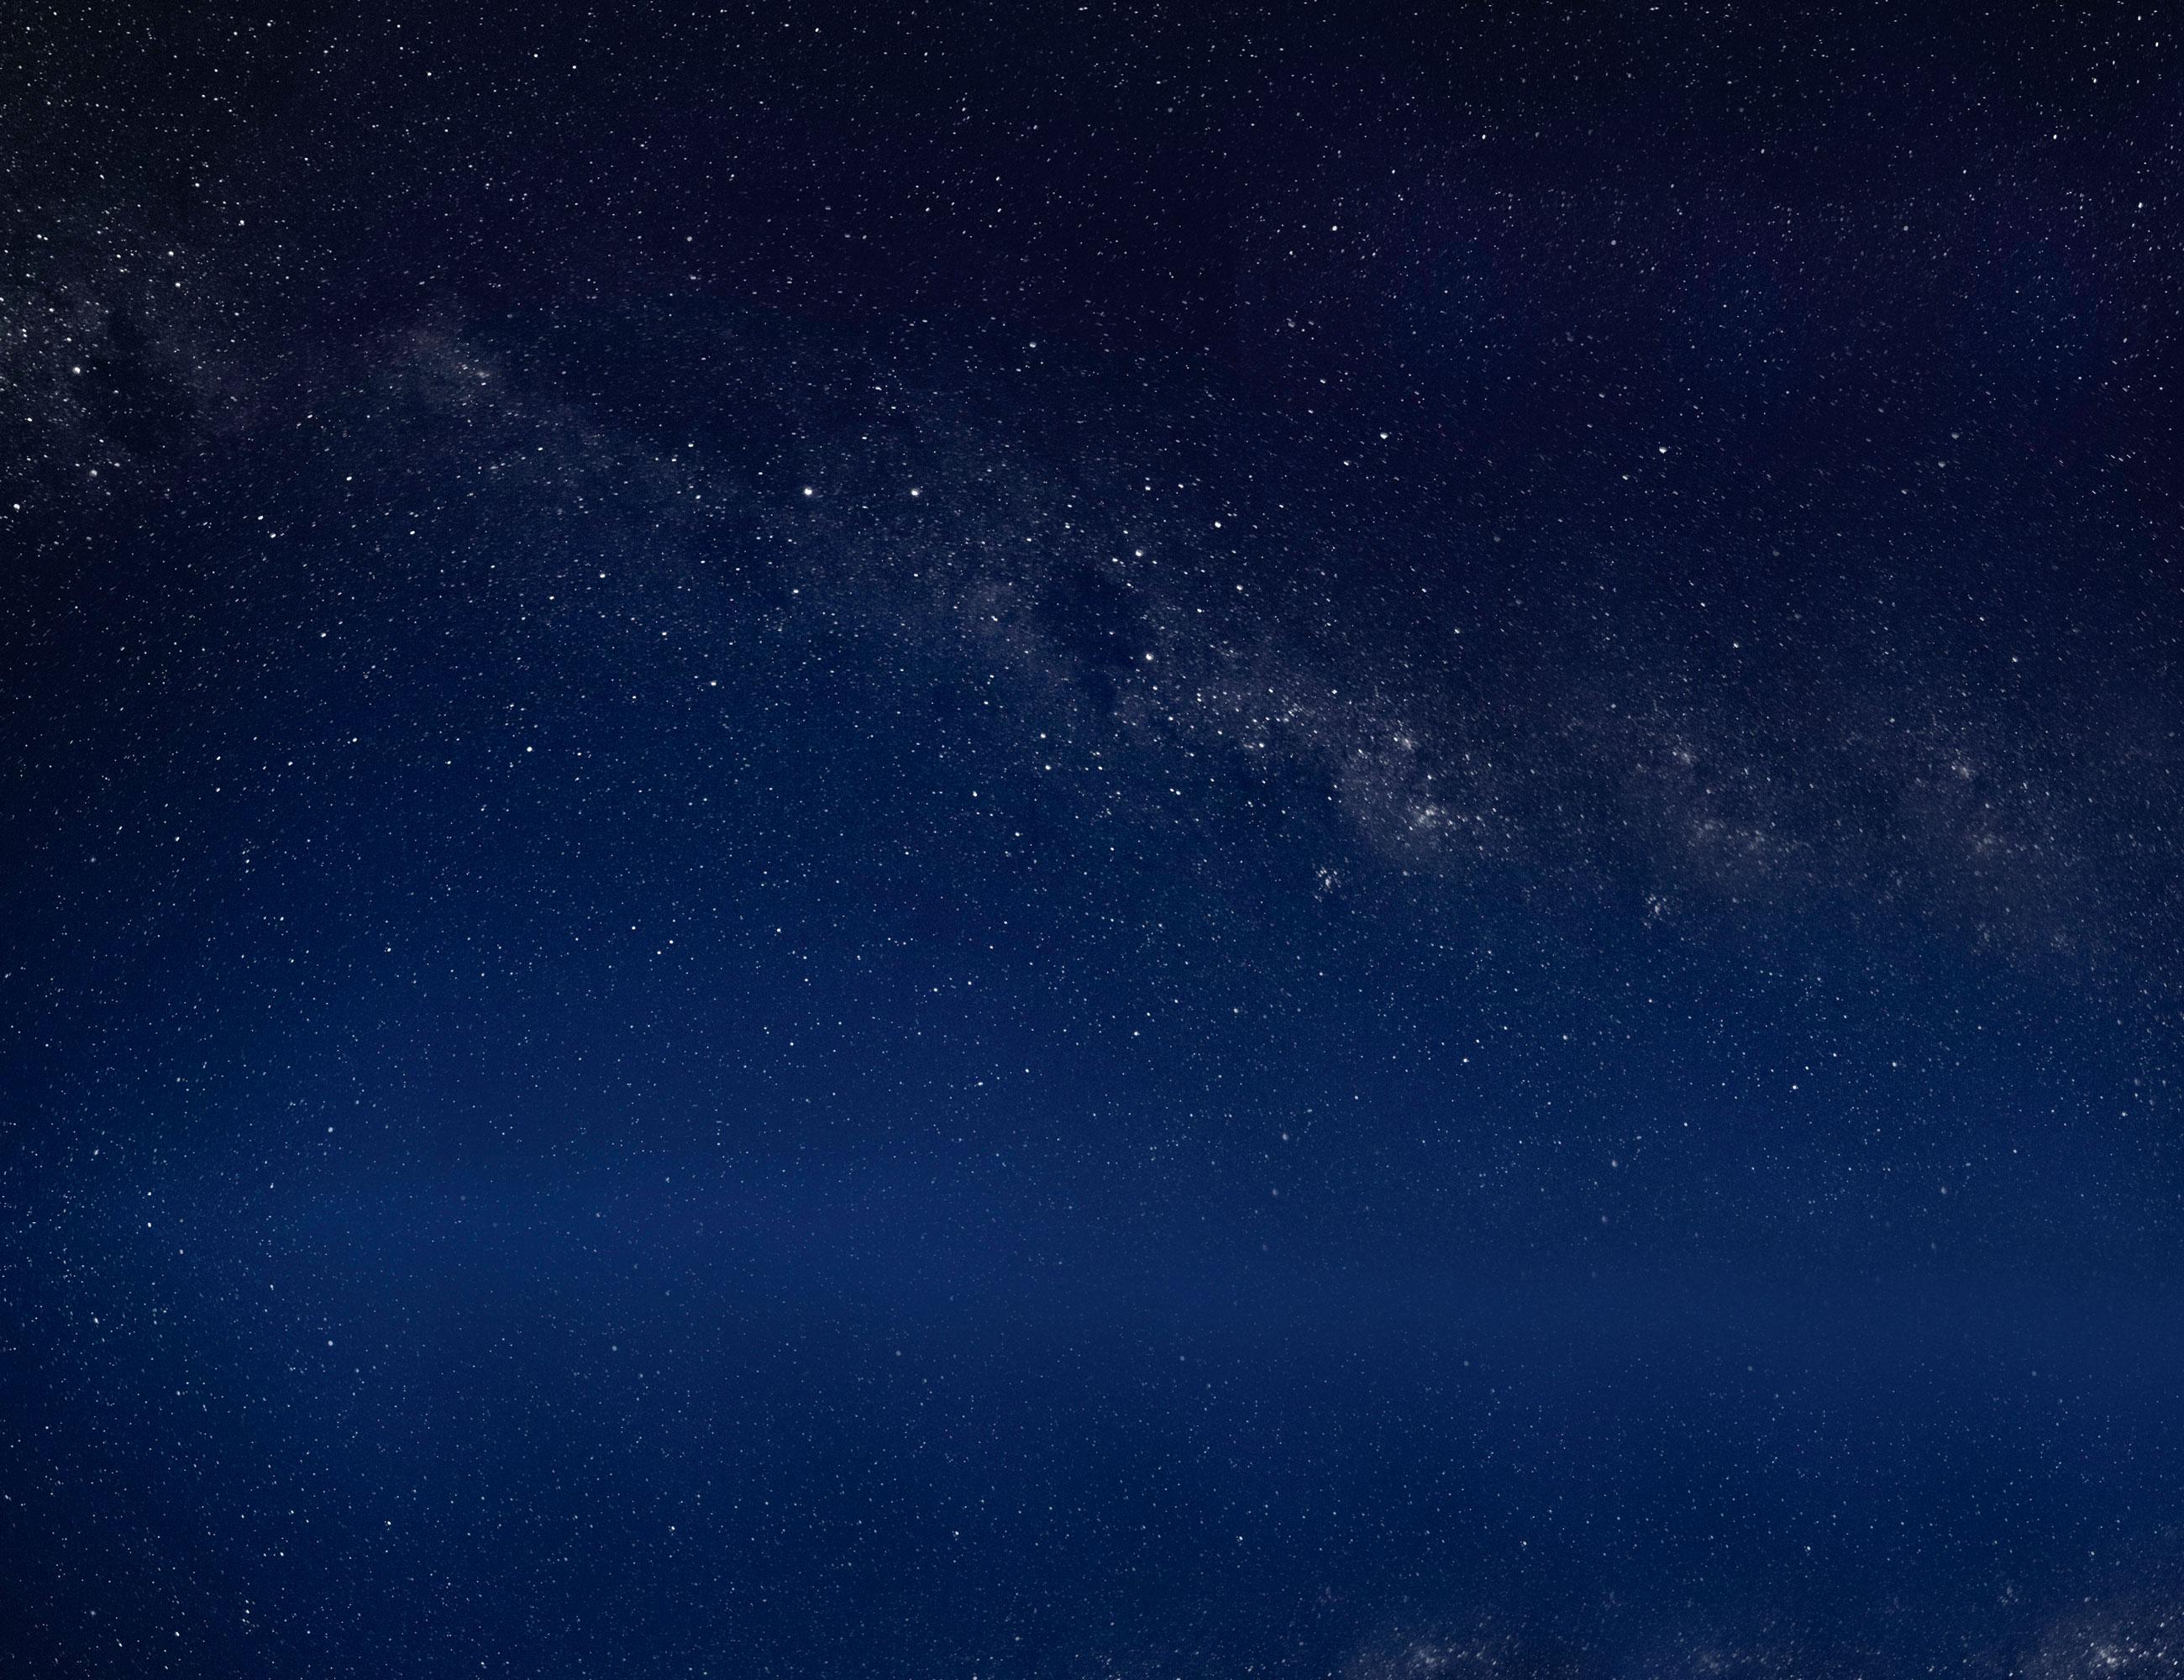 bg-stars-size